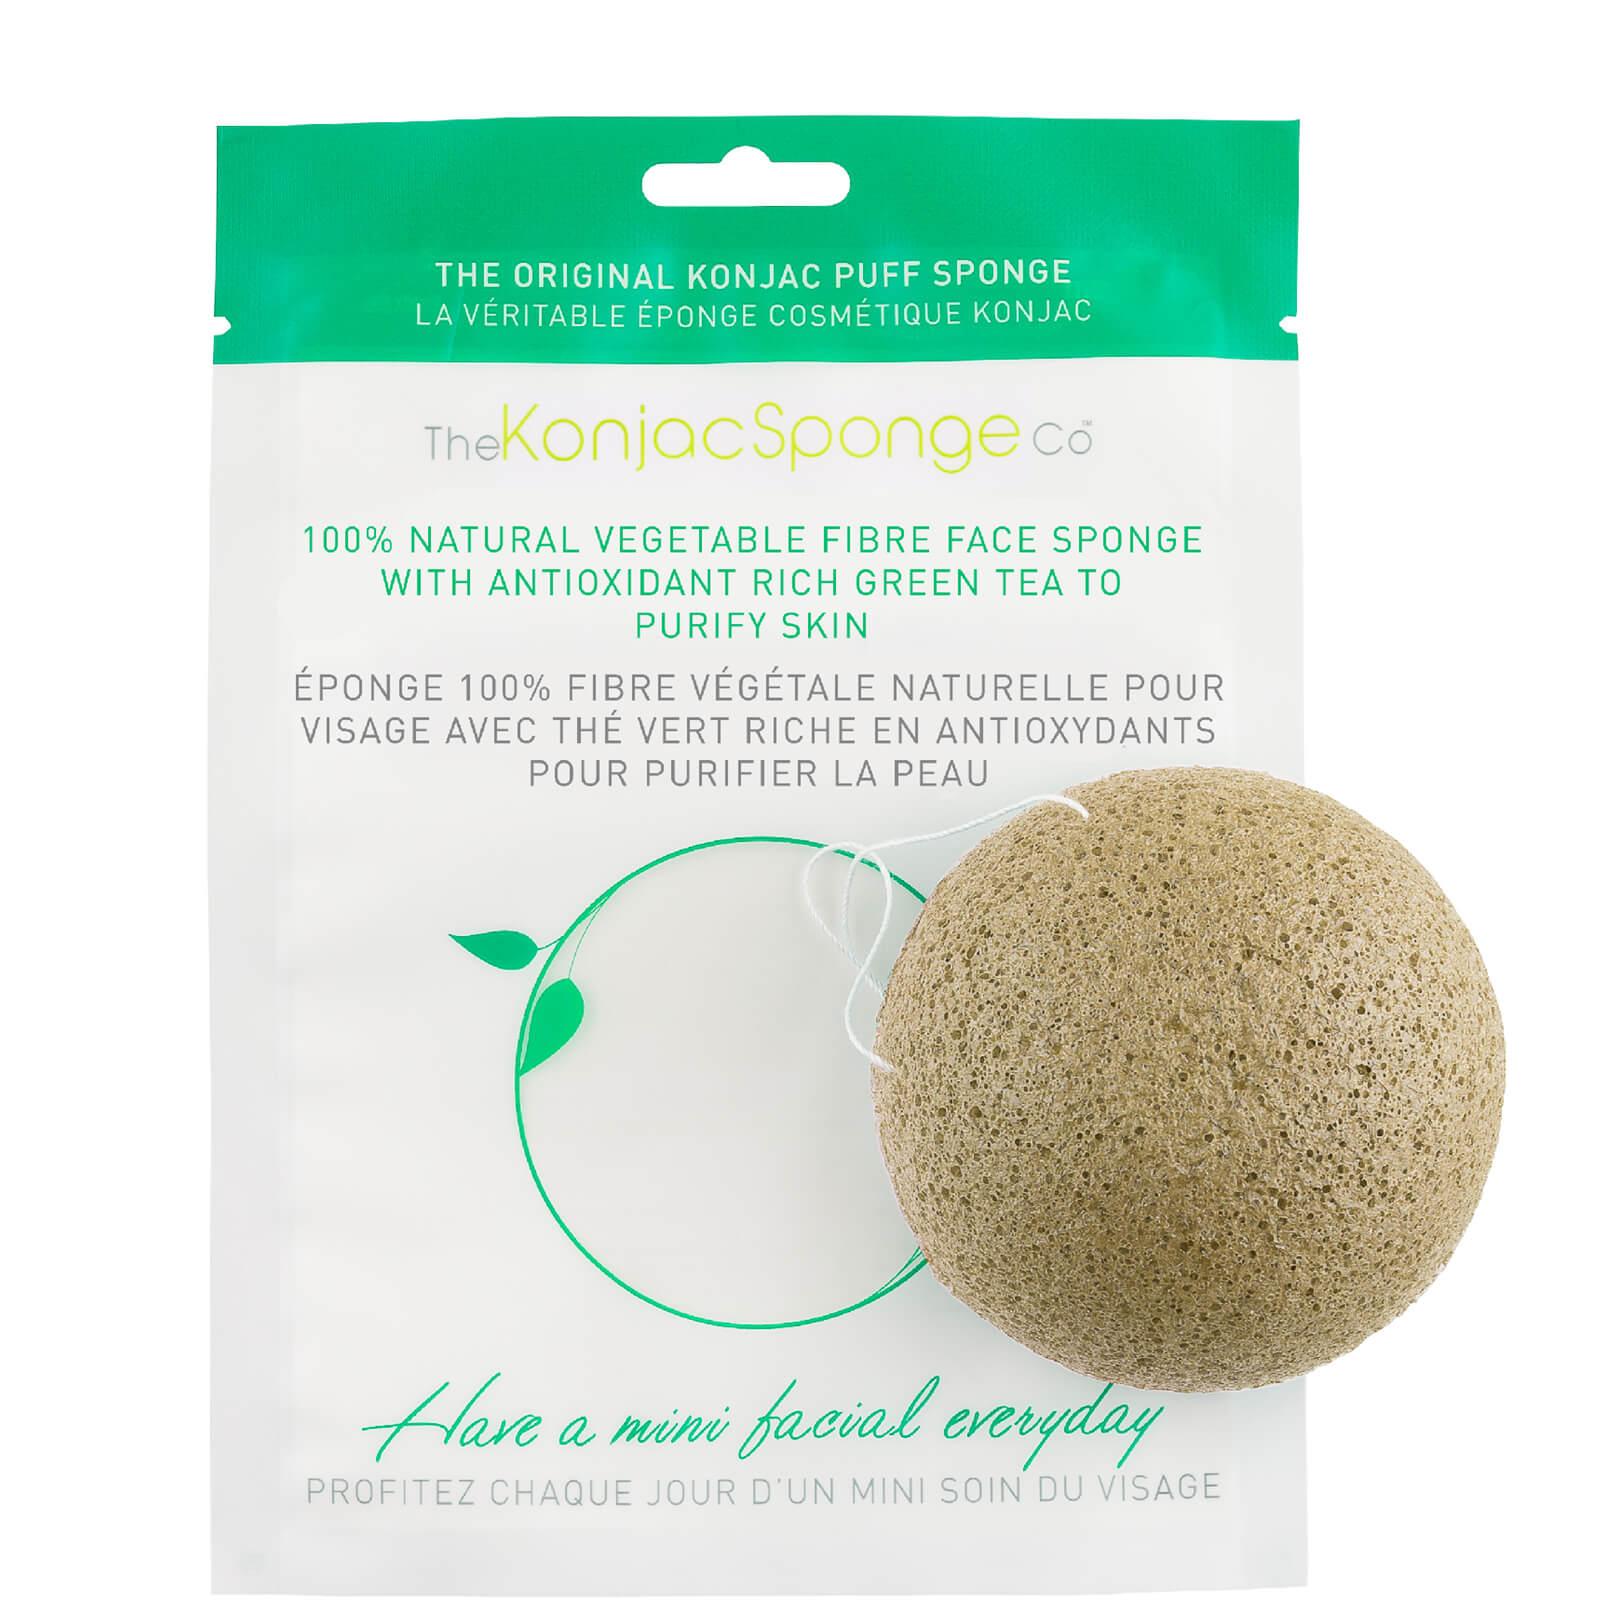 Купить Спонж конняку для лица с зеленым чаем Konjac Sponge Company Facial Puff Sponge with Green Tea